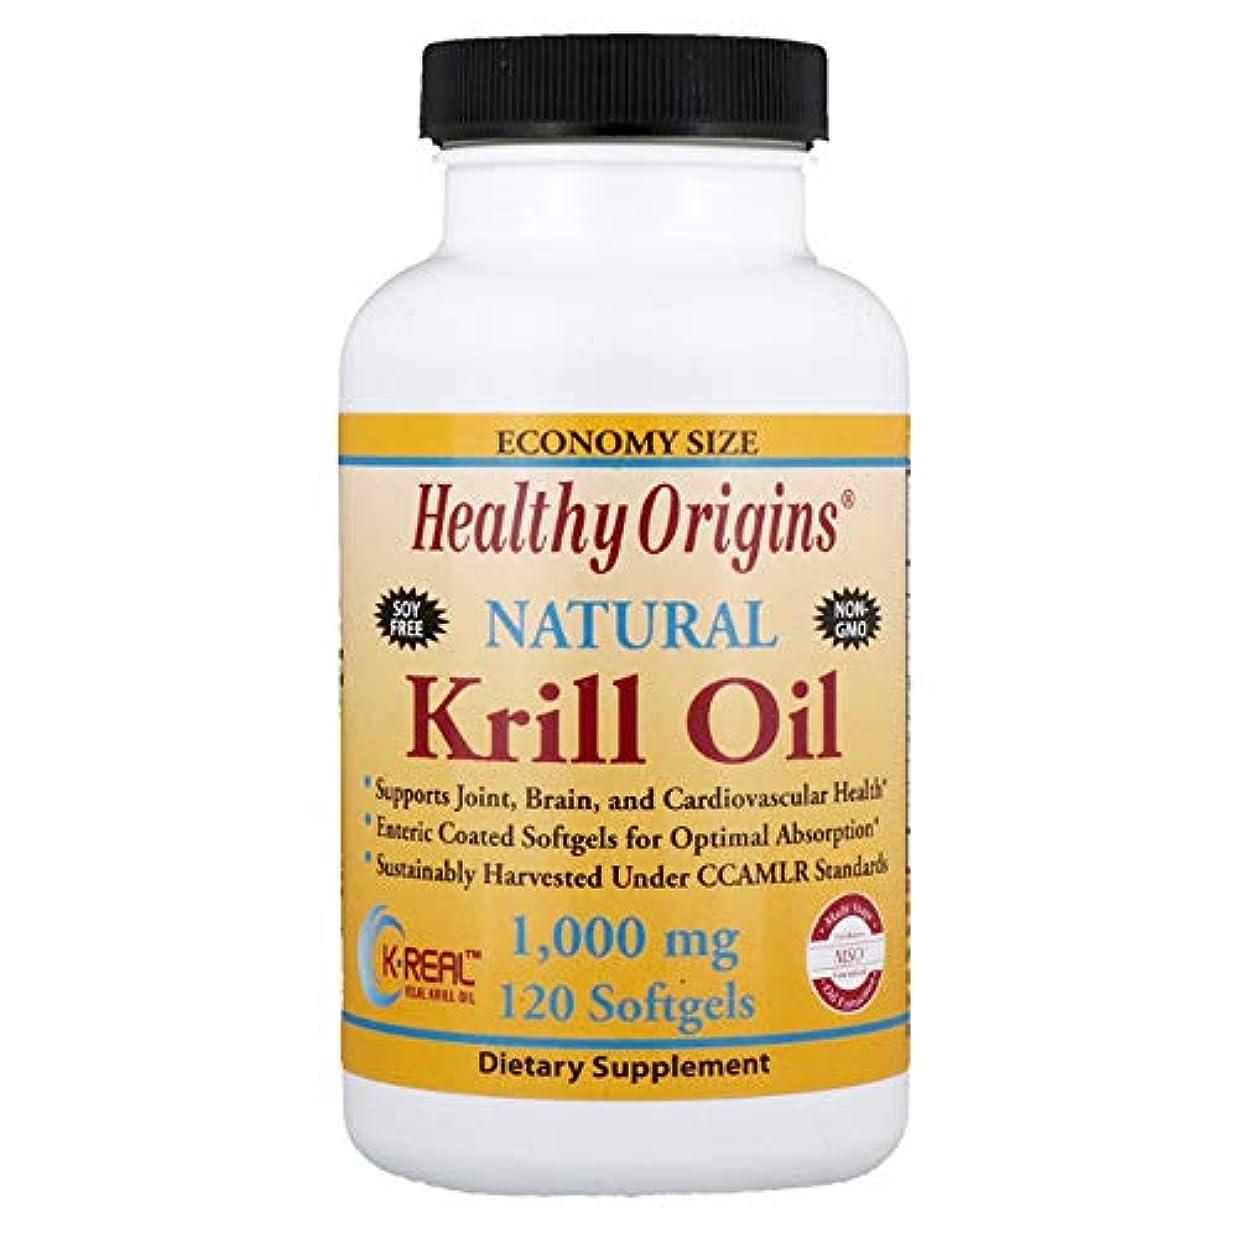 聴覚障害者見通し人気Healthy Origins Krill Oil Natural Vanilla Flavor 1000 mg 120 Softgels 【アメリカ直送】